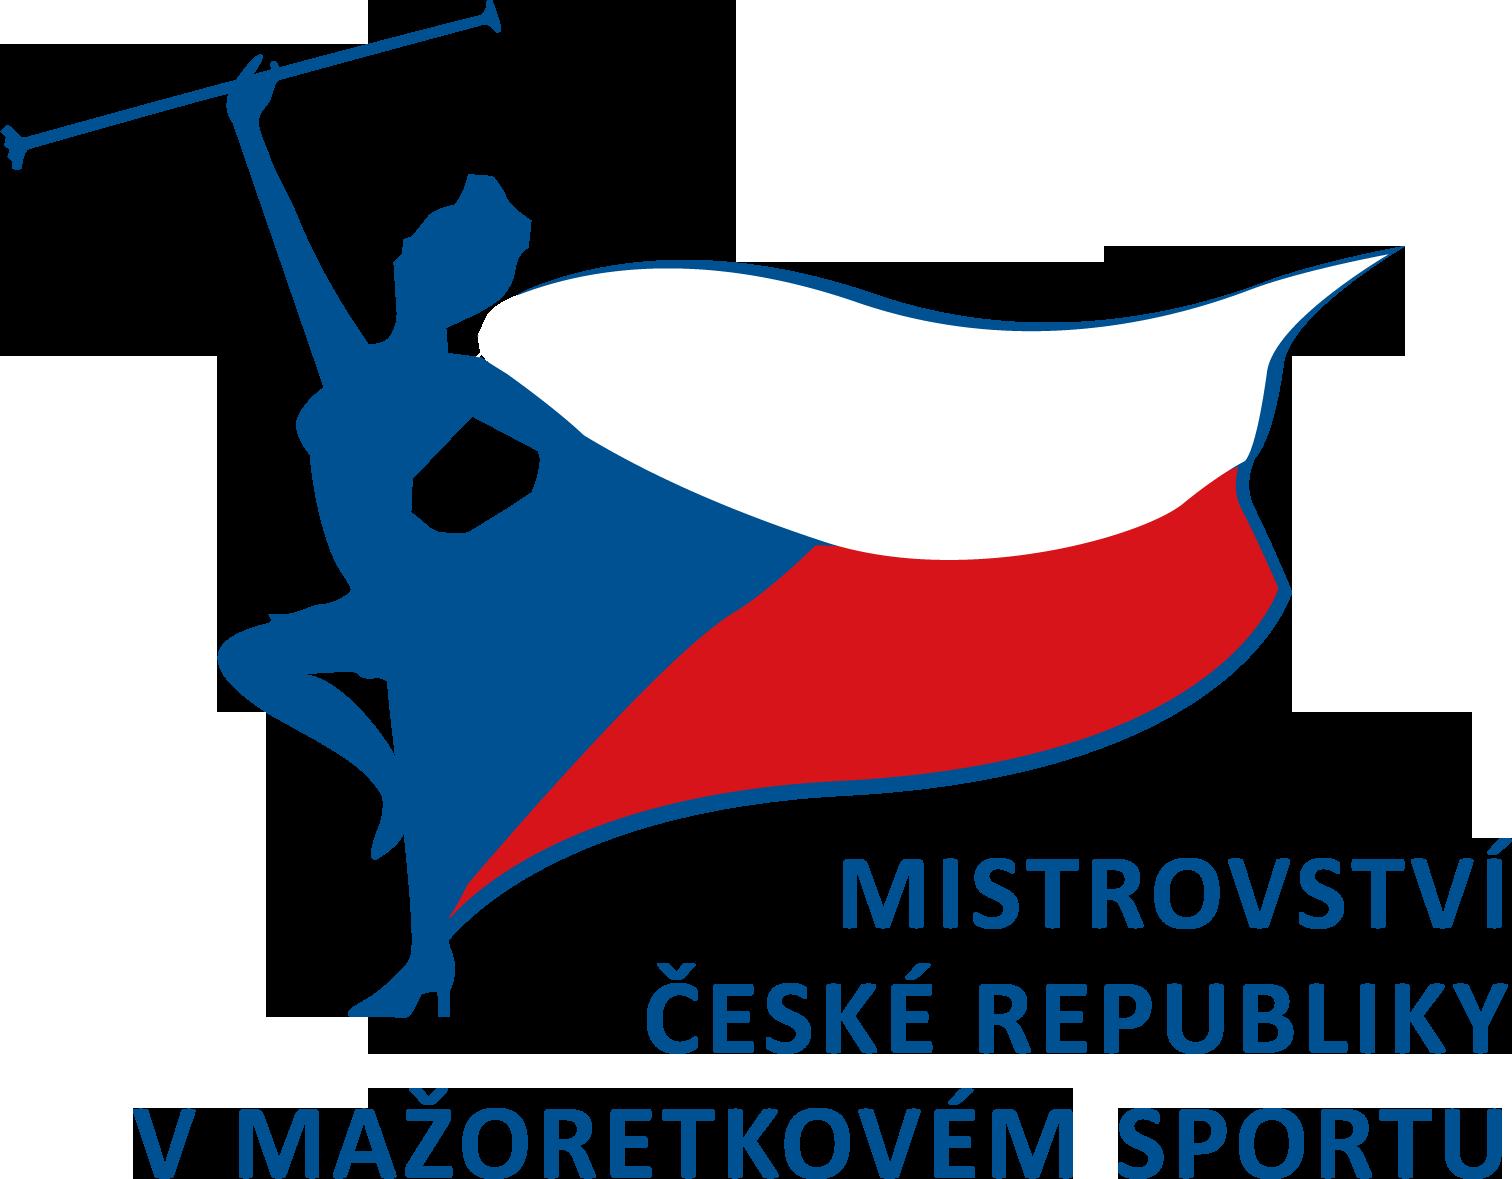 logo Mistrovství České republiky v mažoretkovém sportu